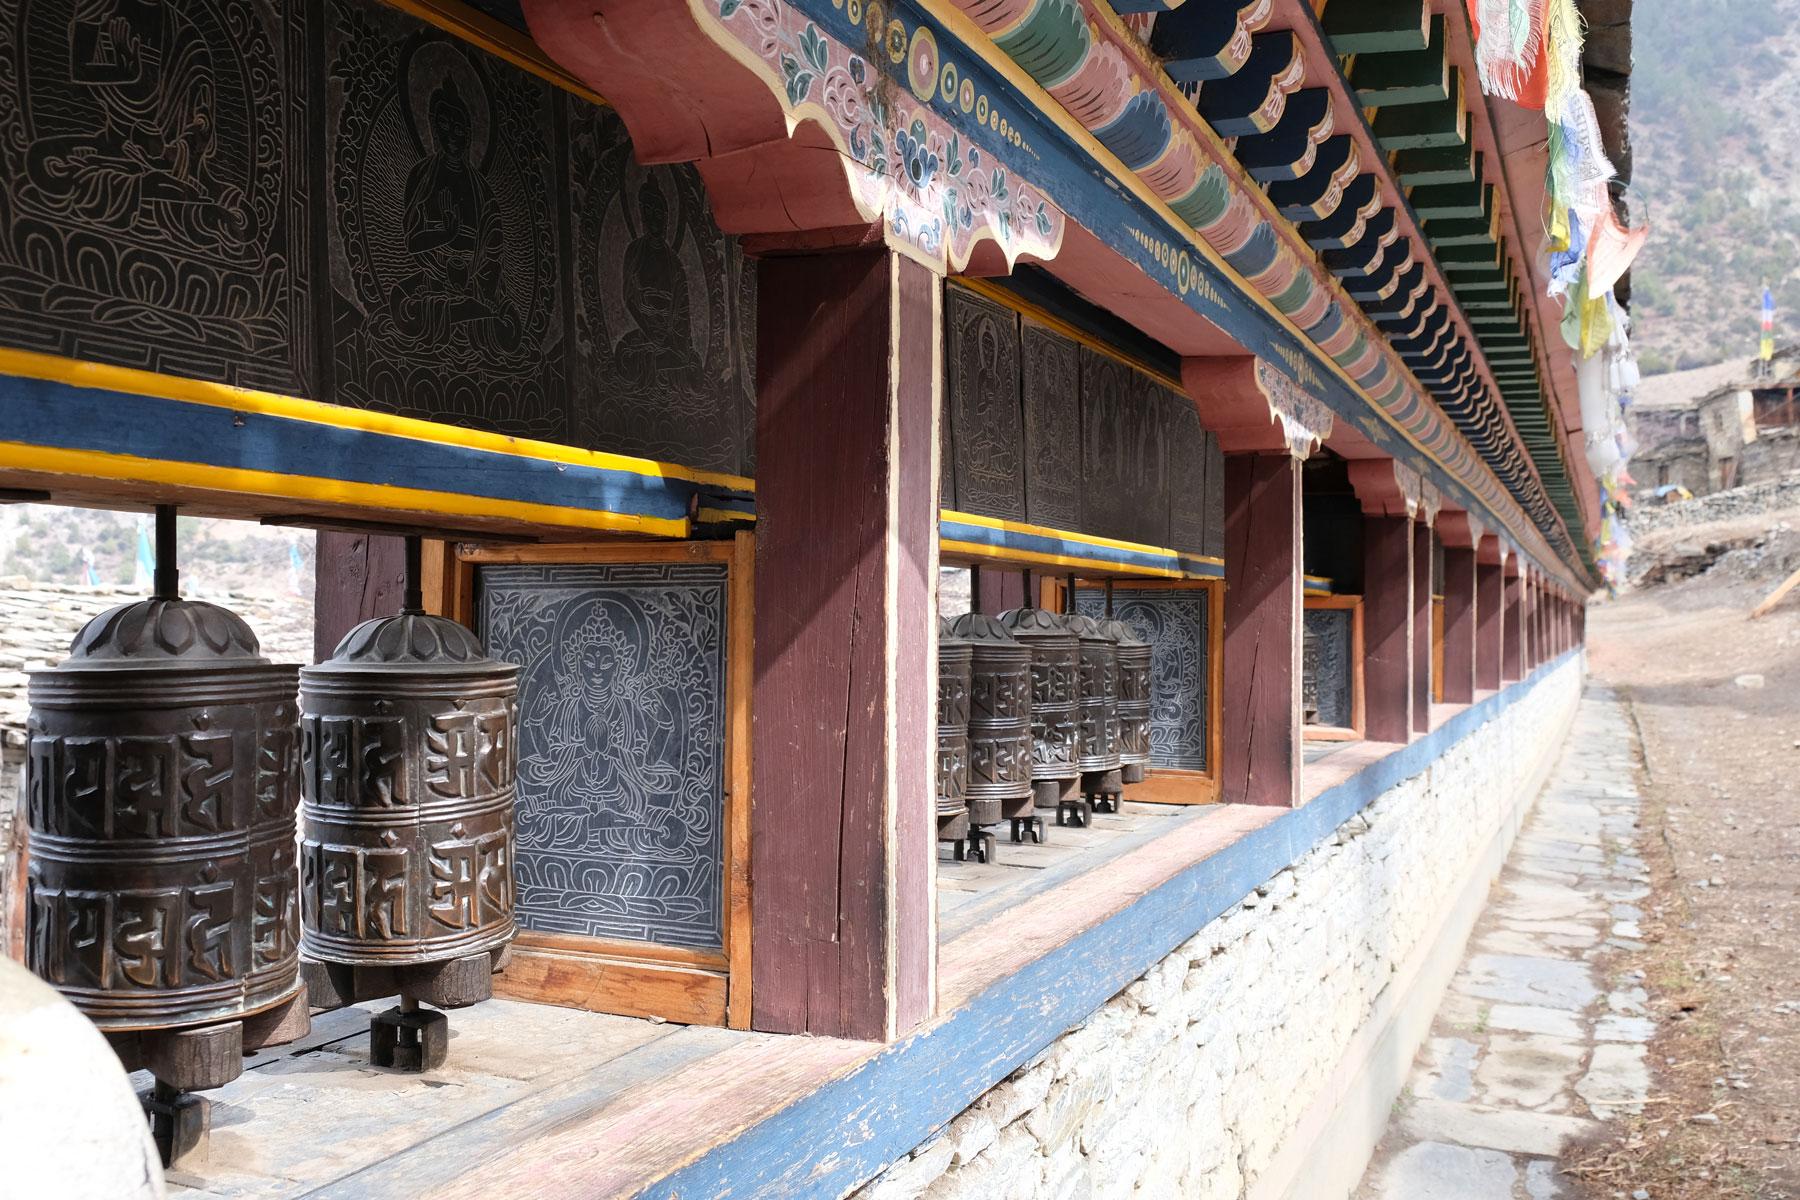 Eine Wand mit buddhistischen Gebetsmühlen.